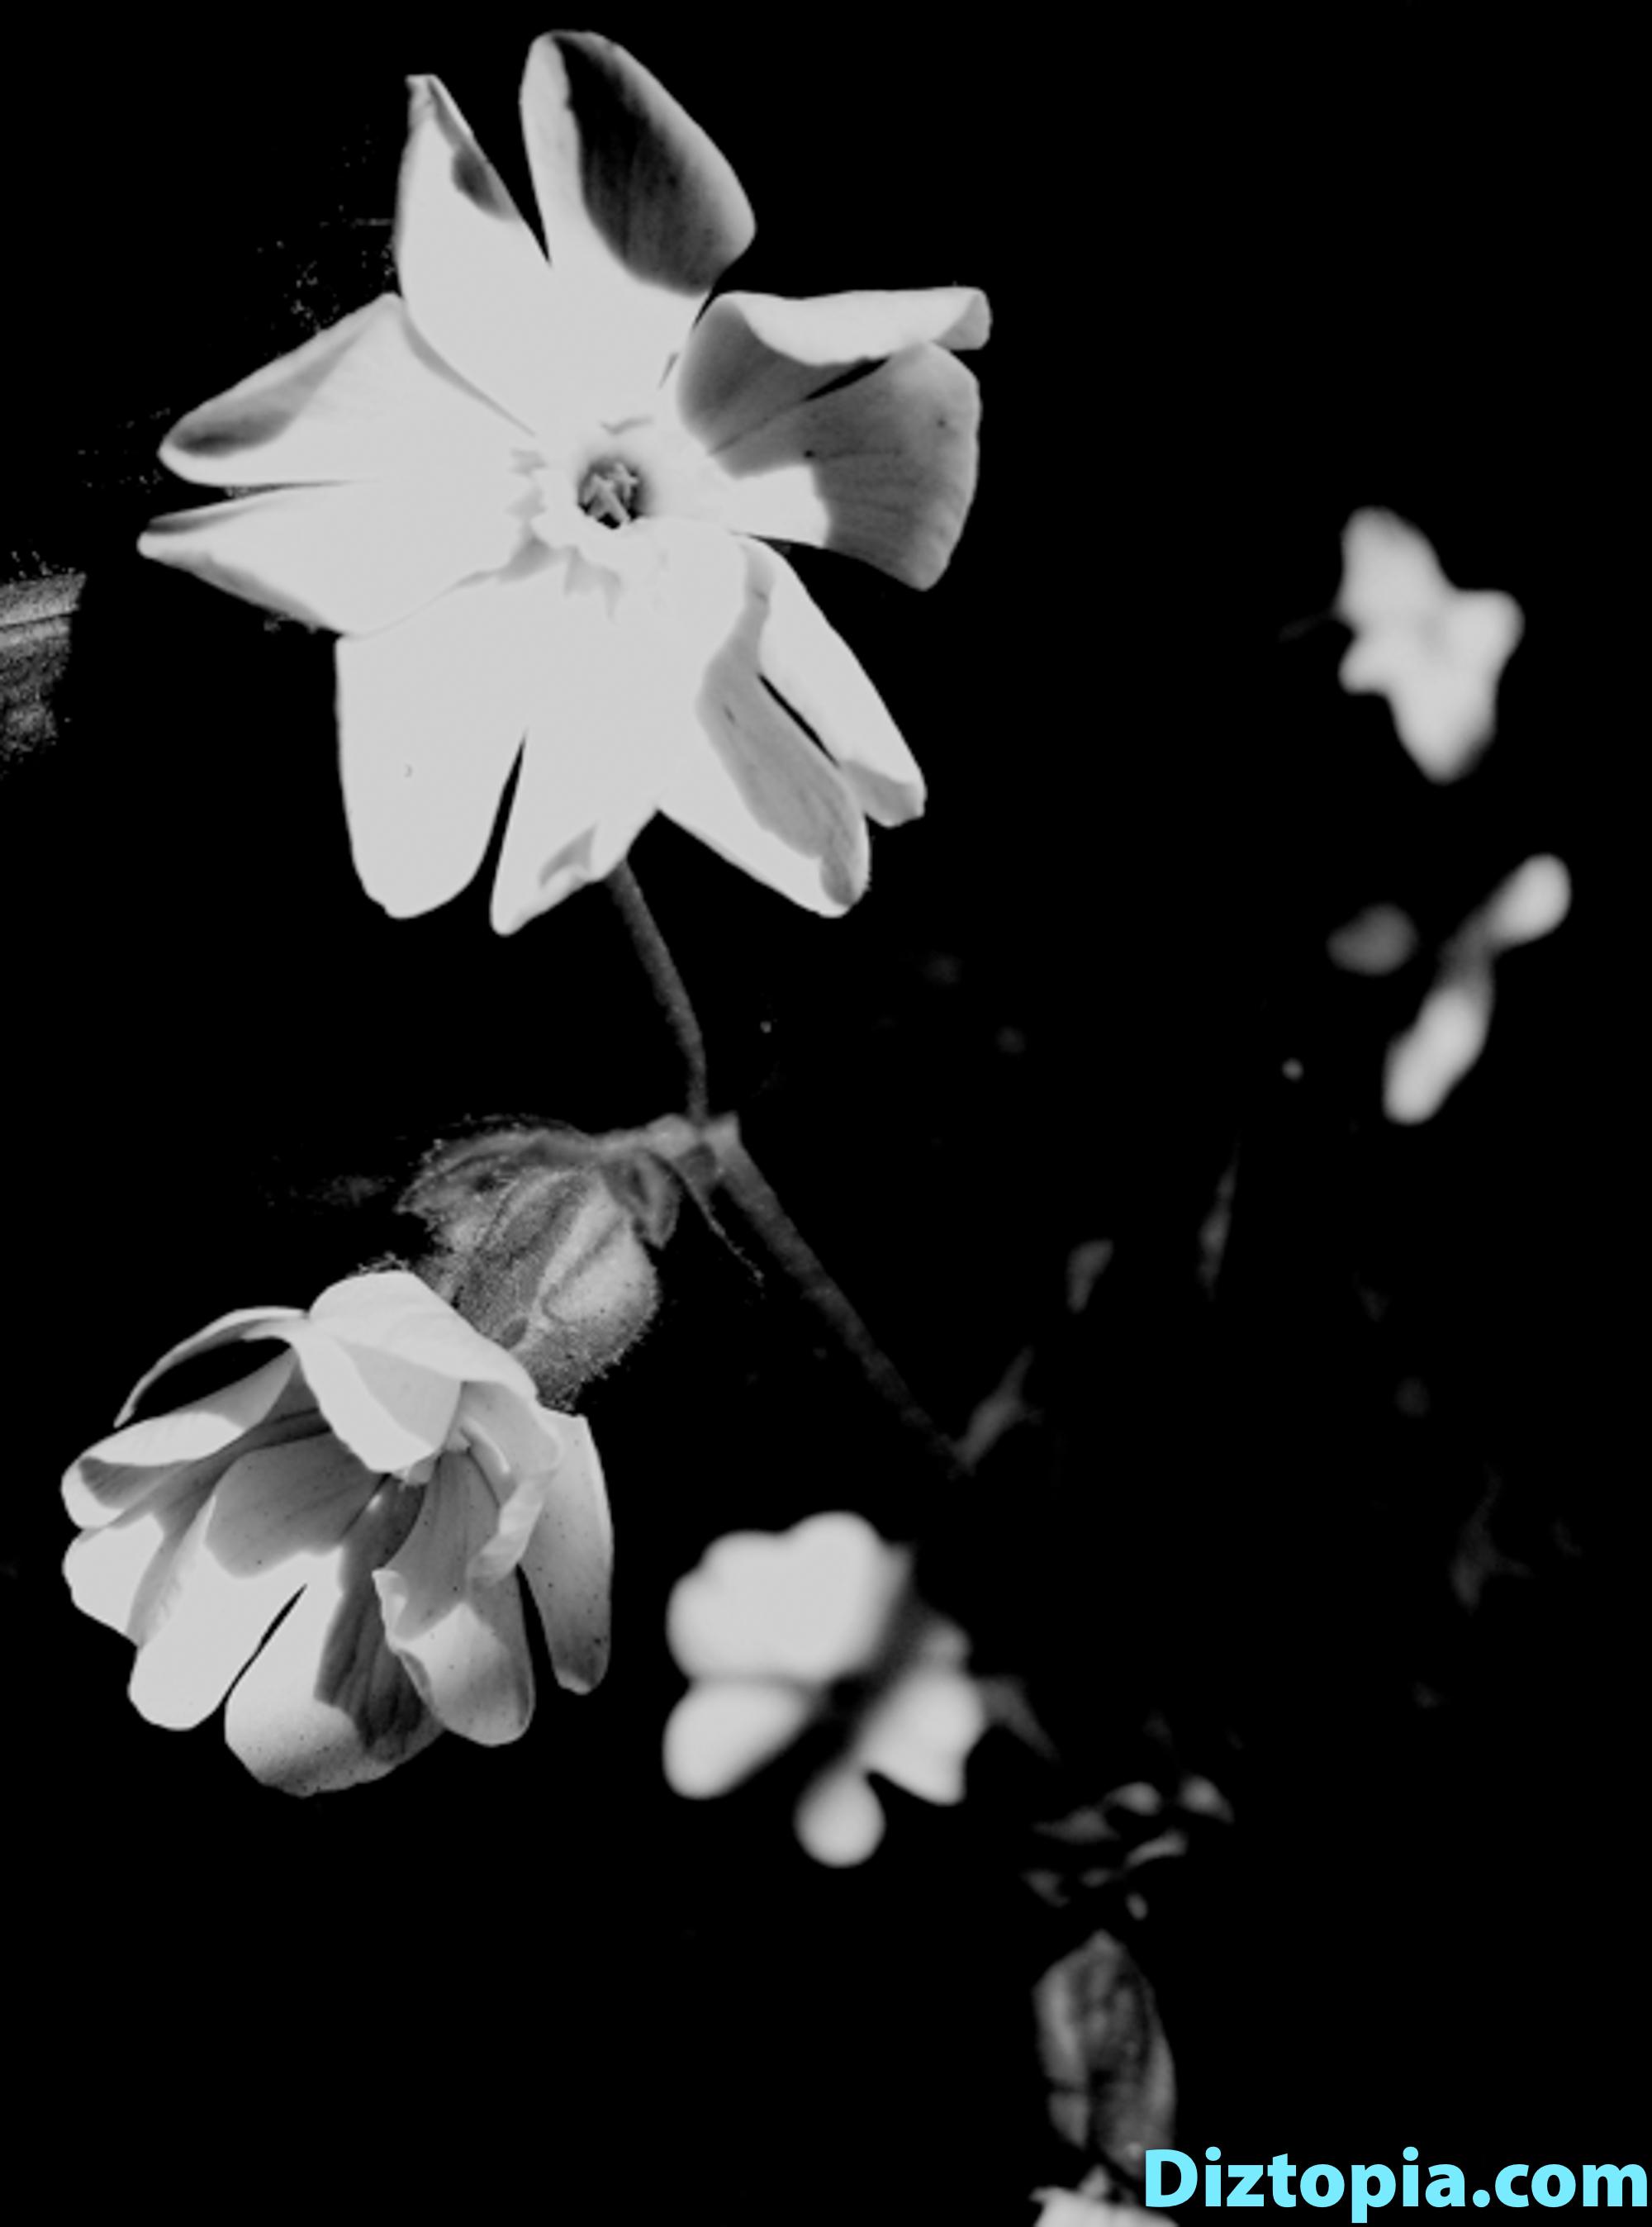 diztopia-com-dizma_dahl-photography-digicam-15